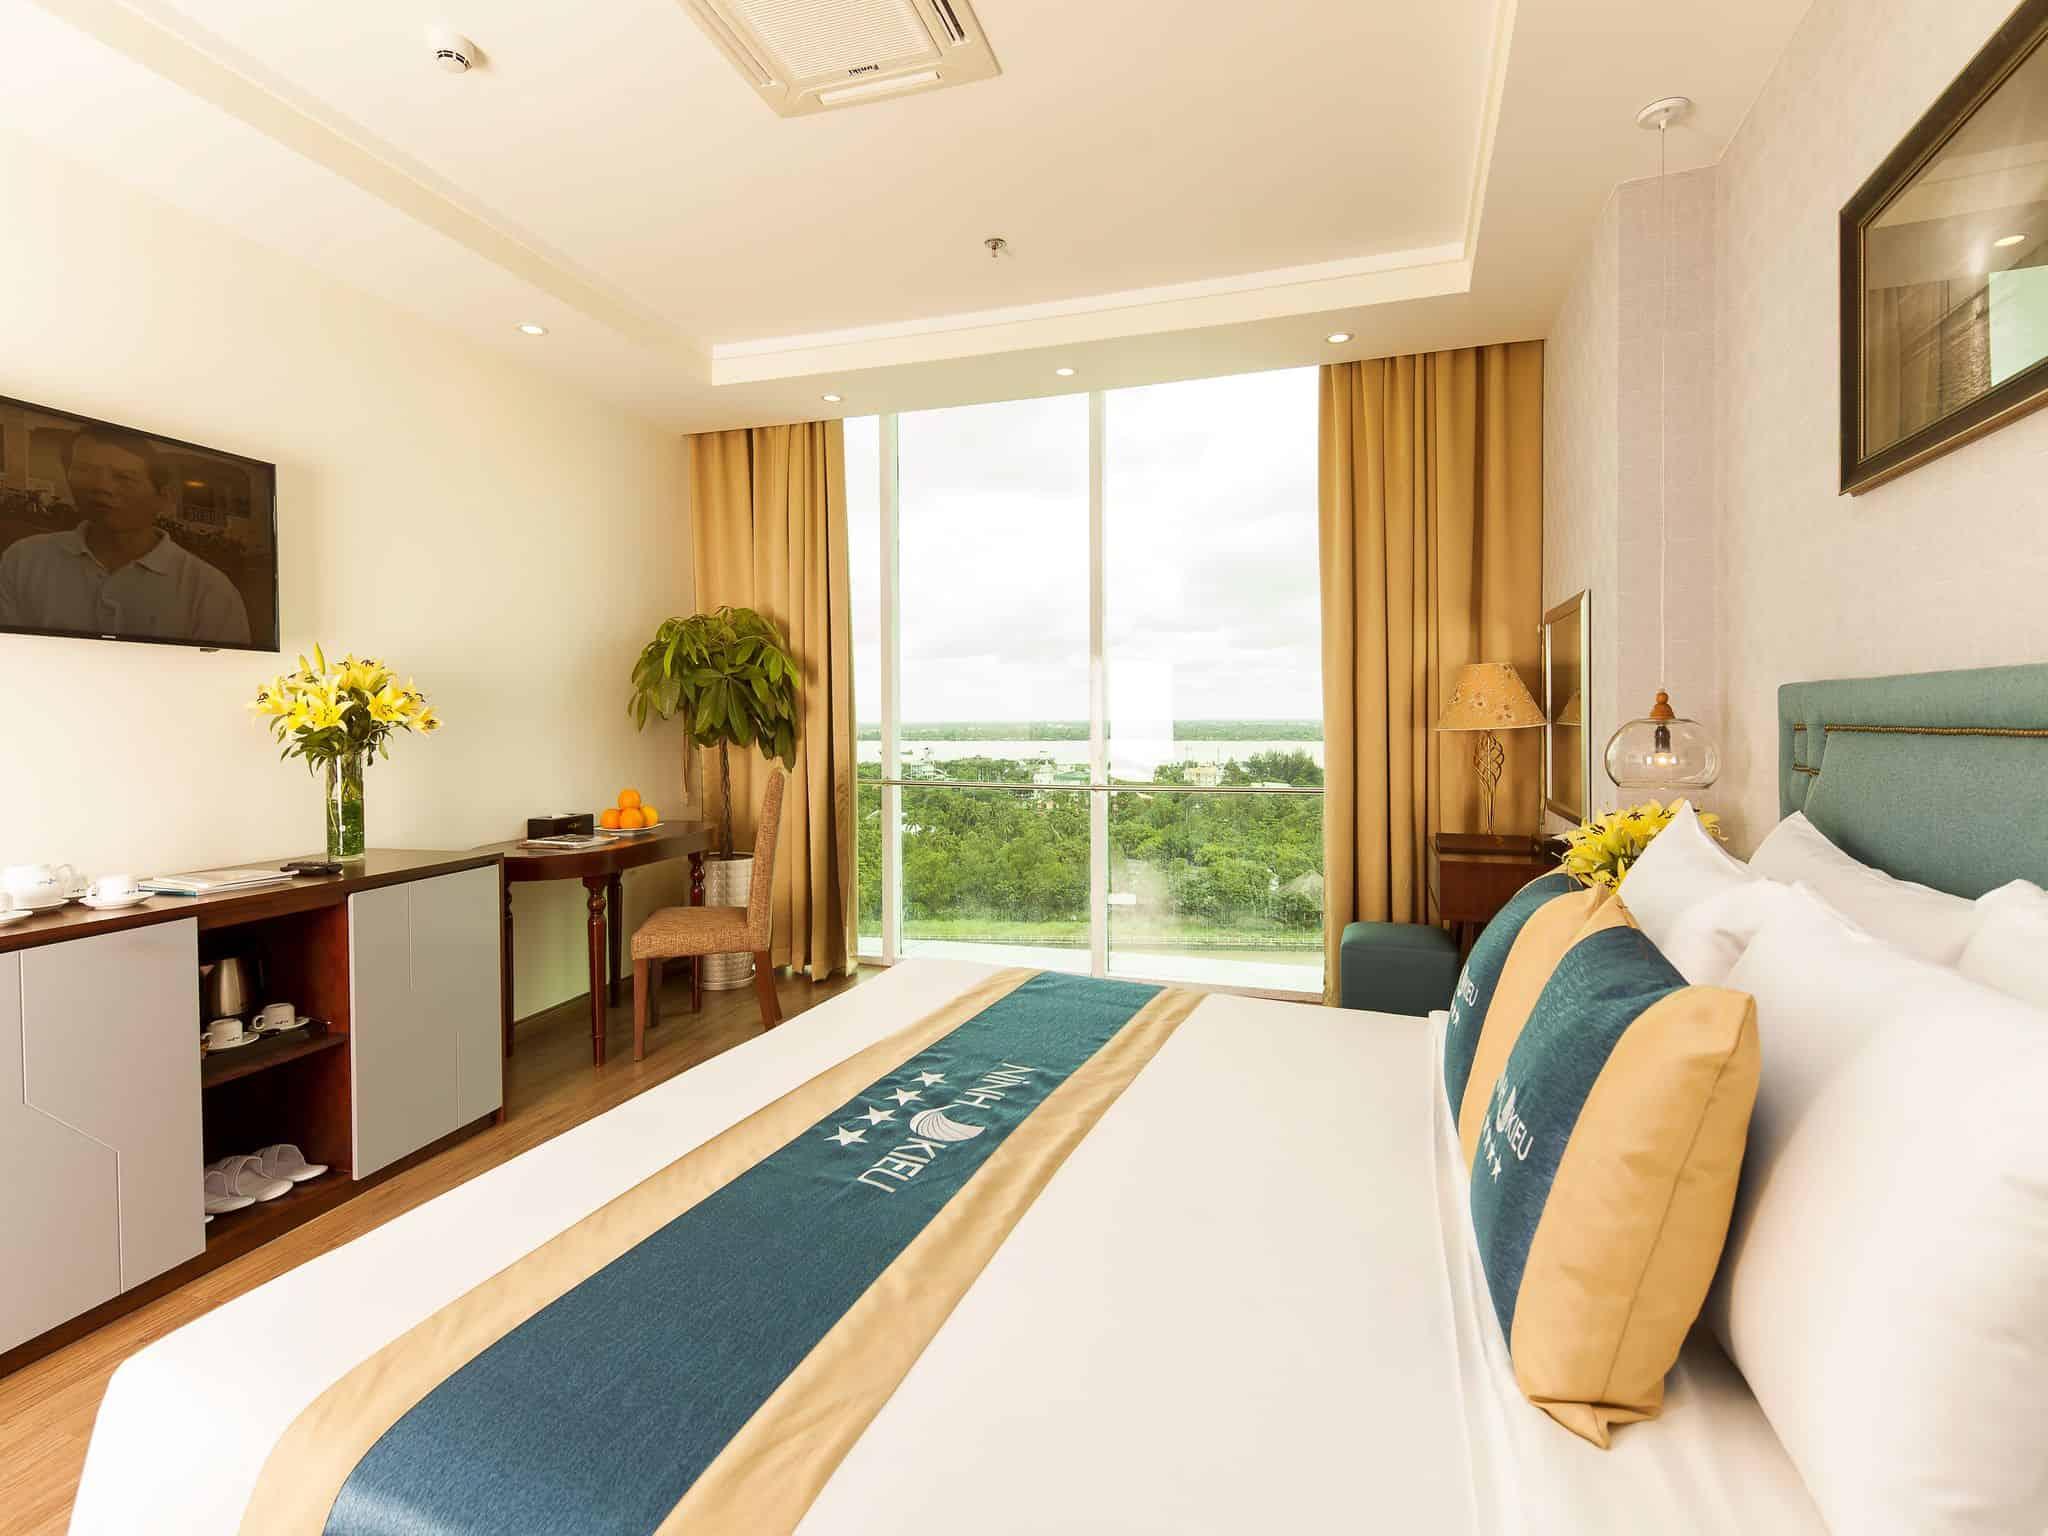 Cửa sổ rộng giúp phòng nghỉ luôn thoáng sáng